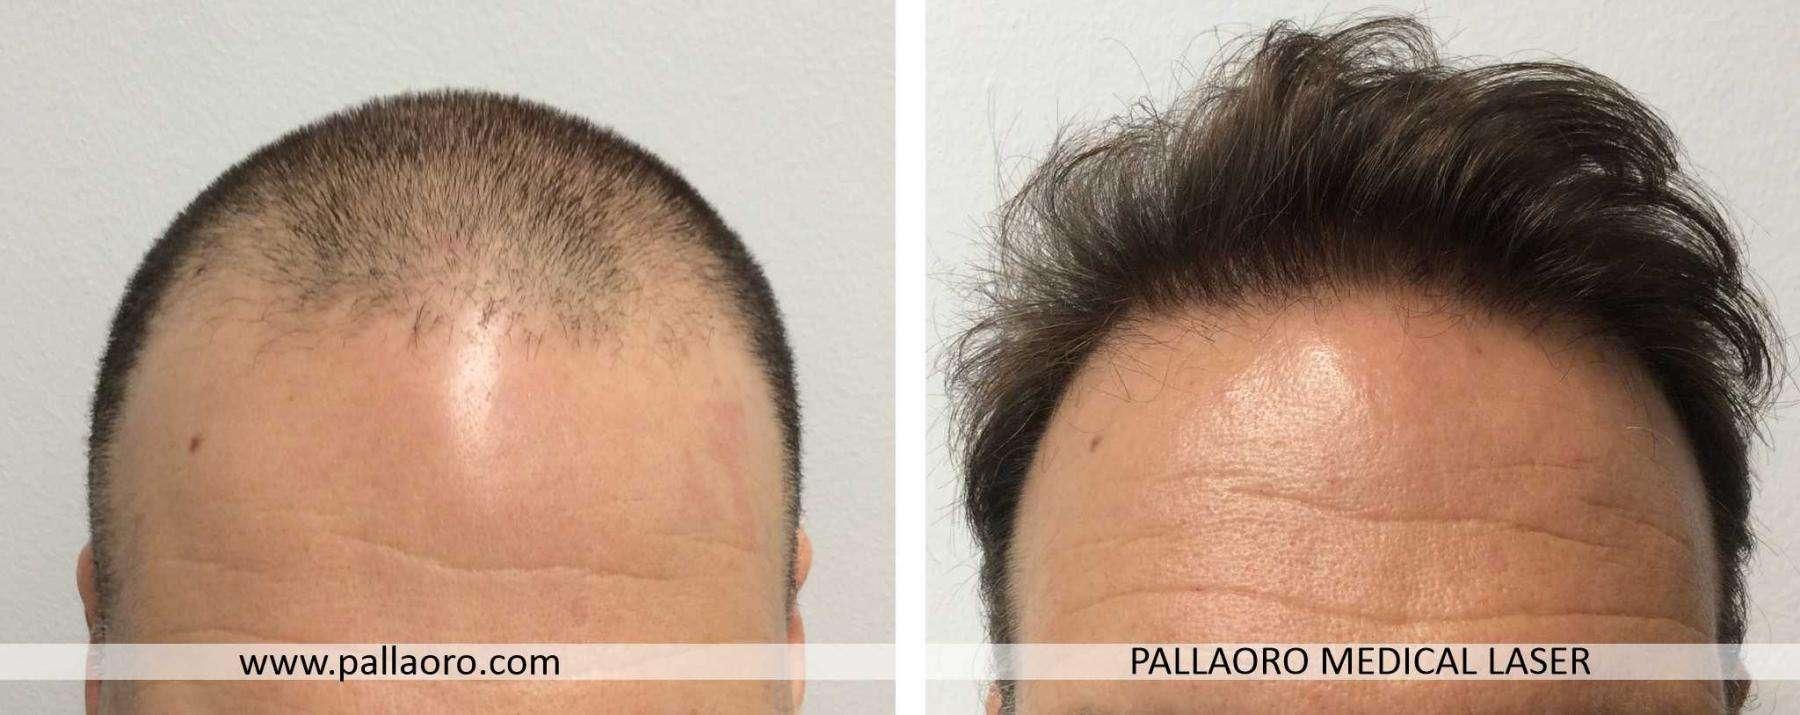 trapianto capelli 2021 01 c